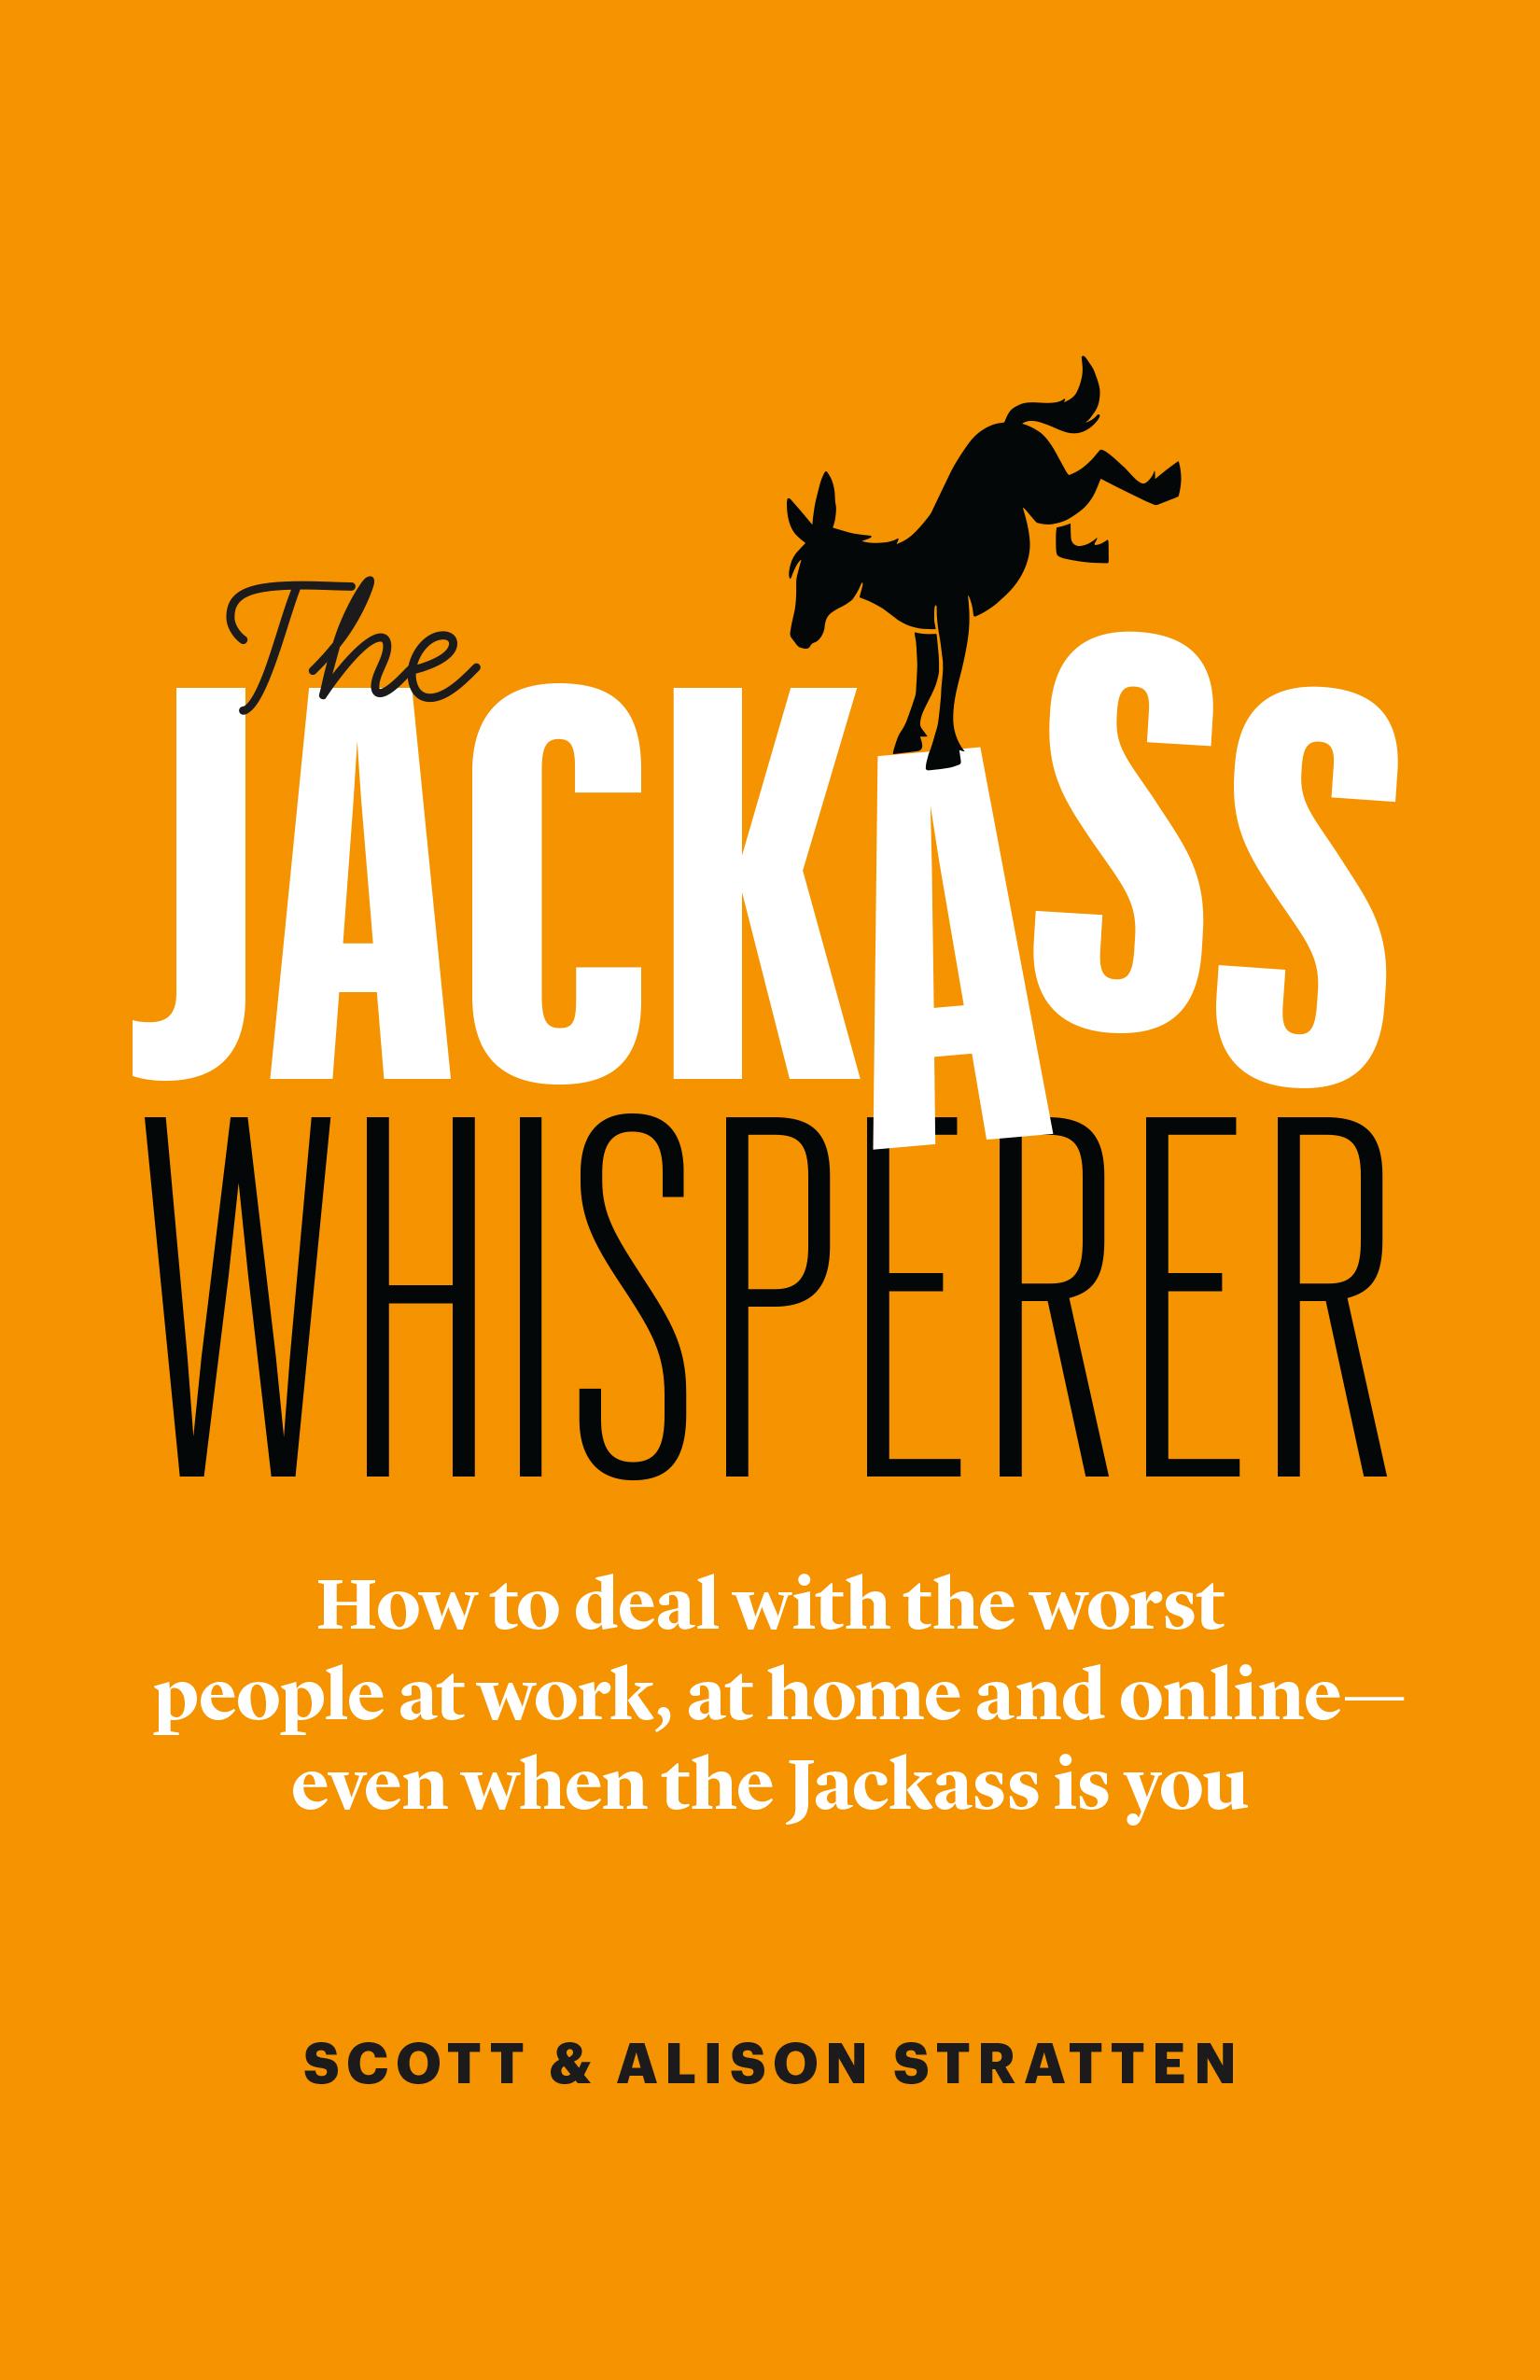 The Jackass Whisperer